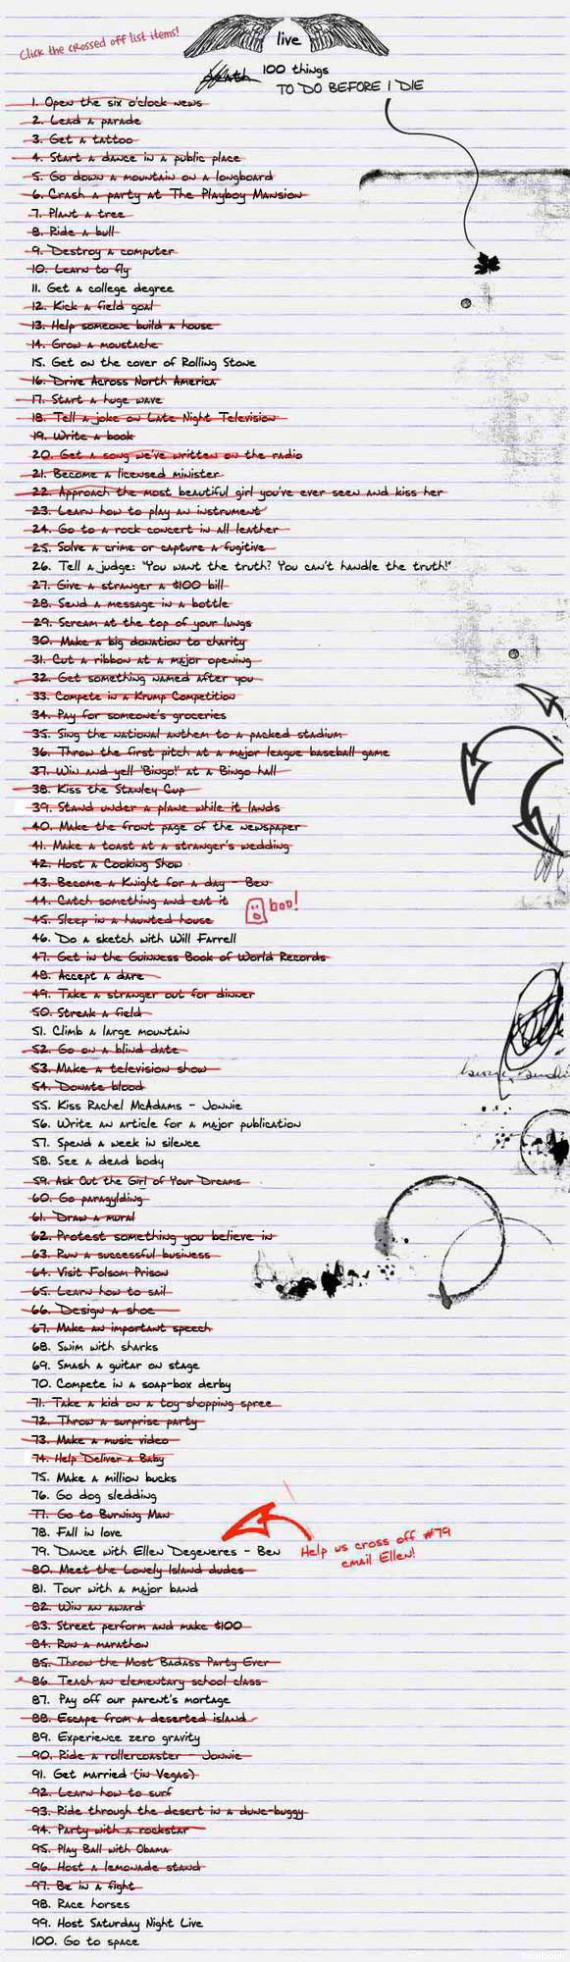 lista buried life